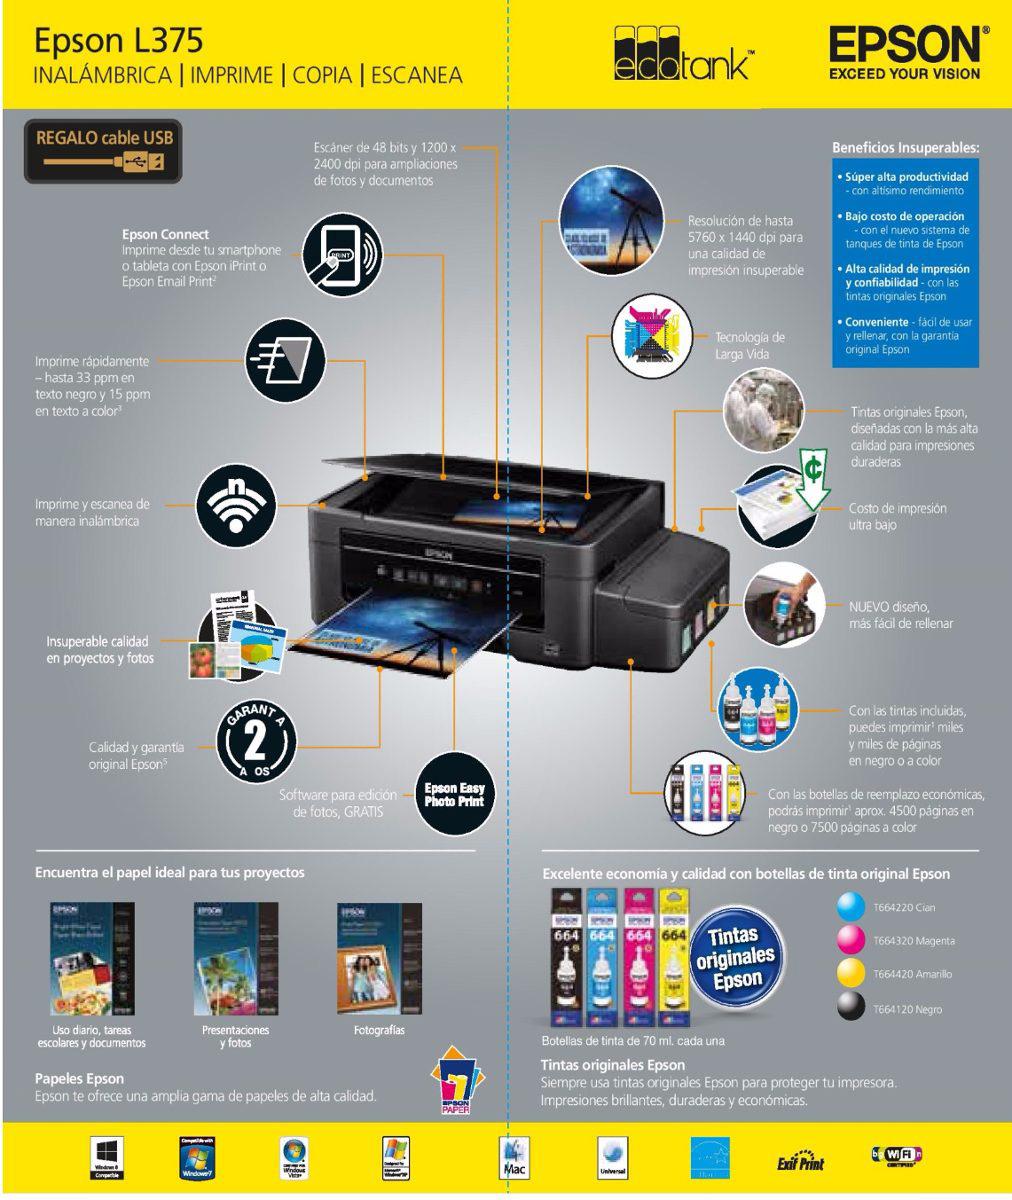 Impresora Epson L375